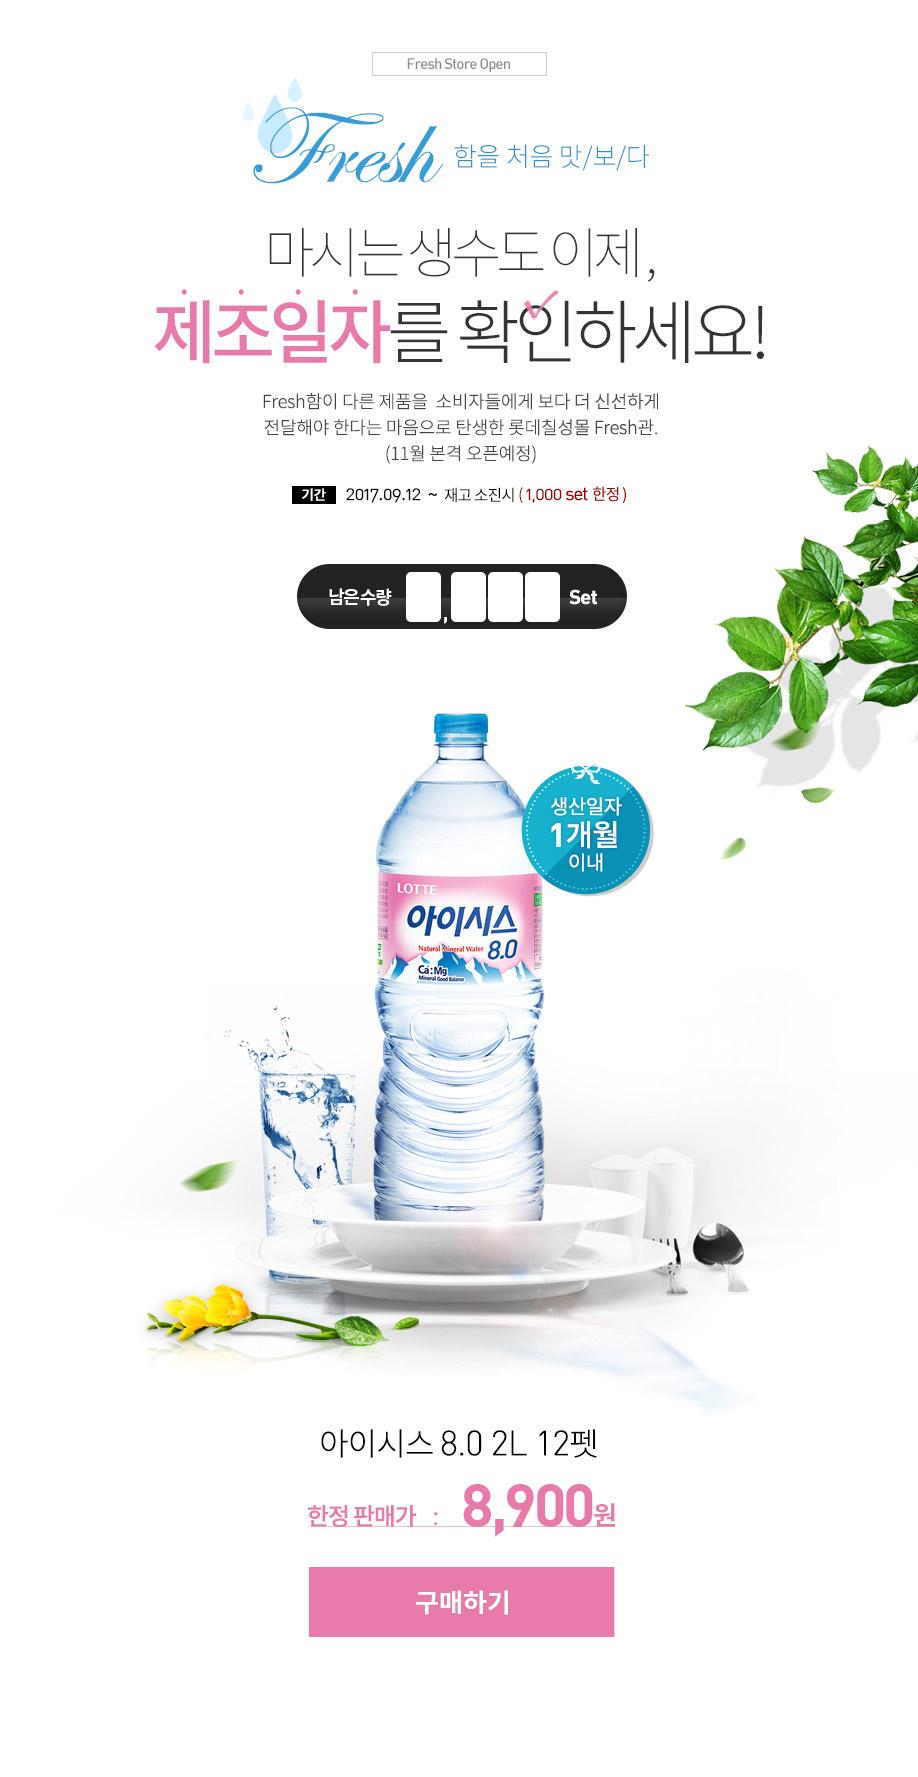 처음 맛보는 생수의 FRESH함! 마시는 생수도 이제 제조일자를 확인하세요!